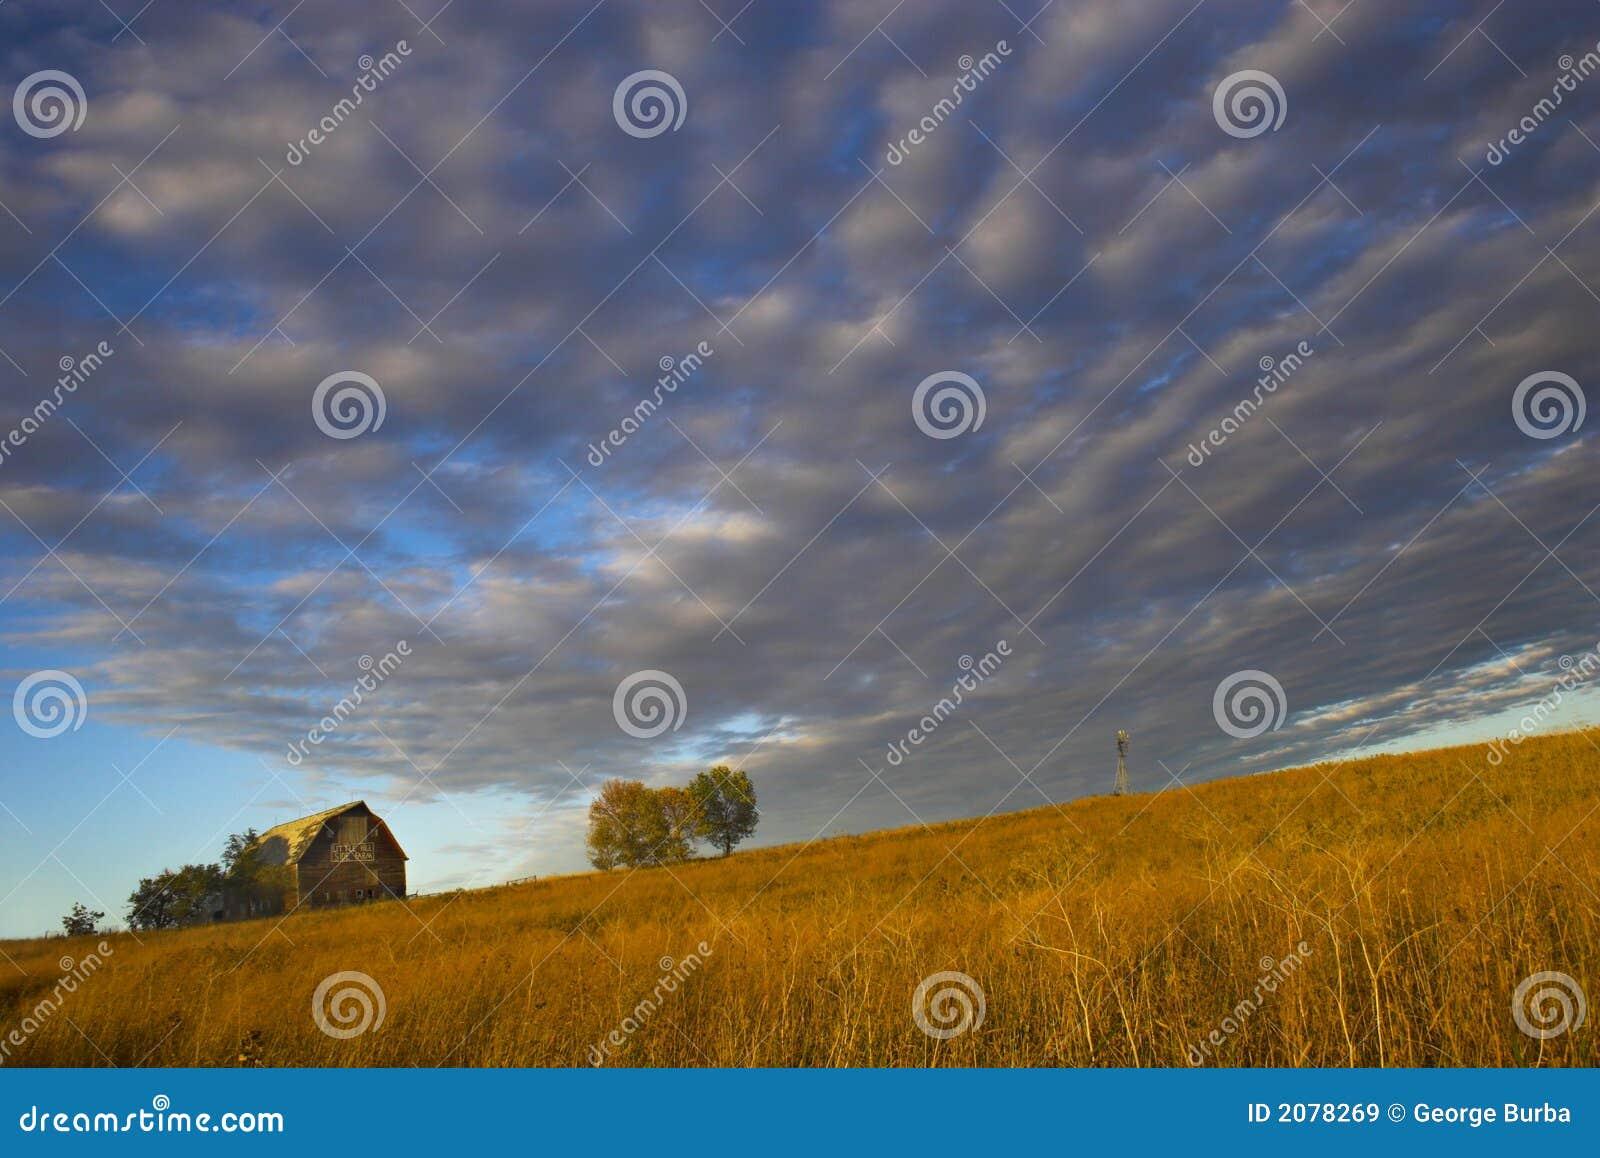 Farm with spectacular sky